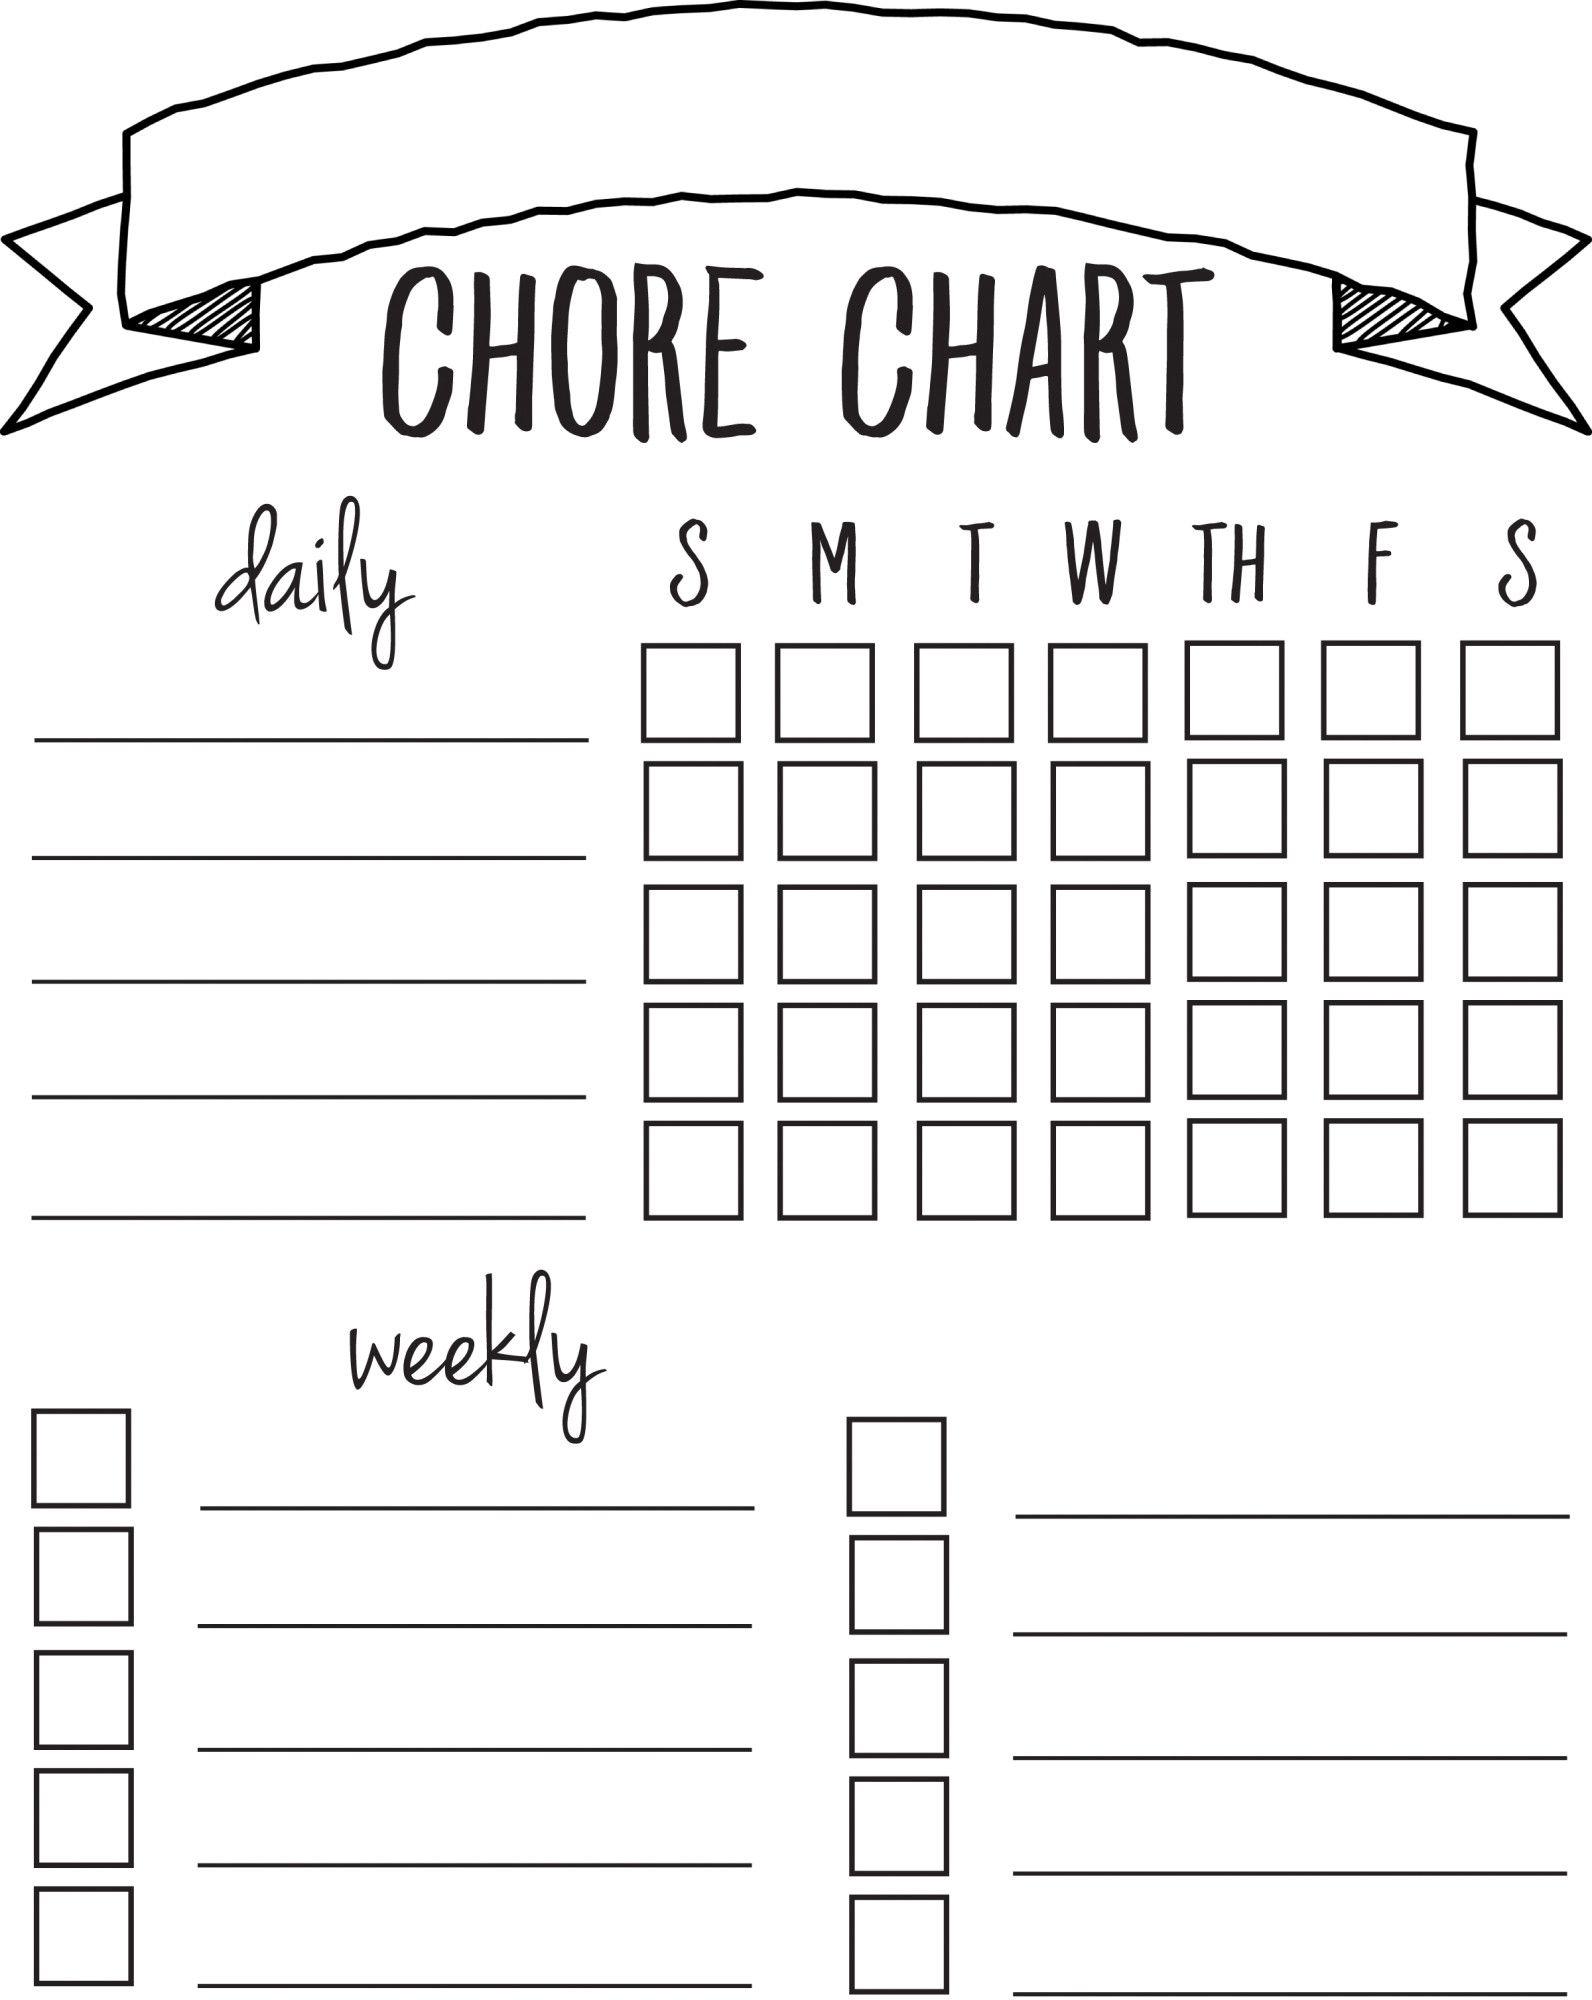 Diy Printable Chore Chart | Free Printables Nov/feb | Pinterest - Free Printable Chore Chart Ideas